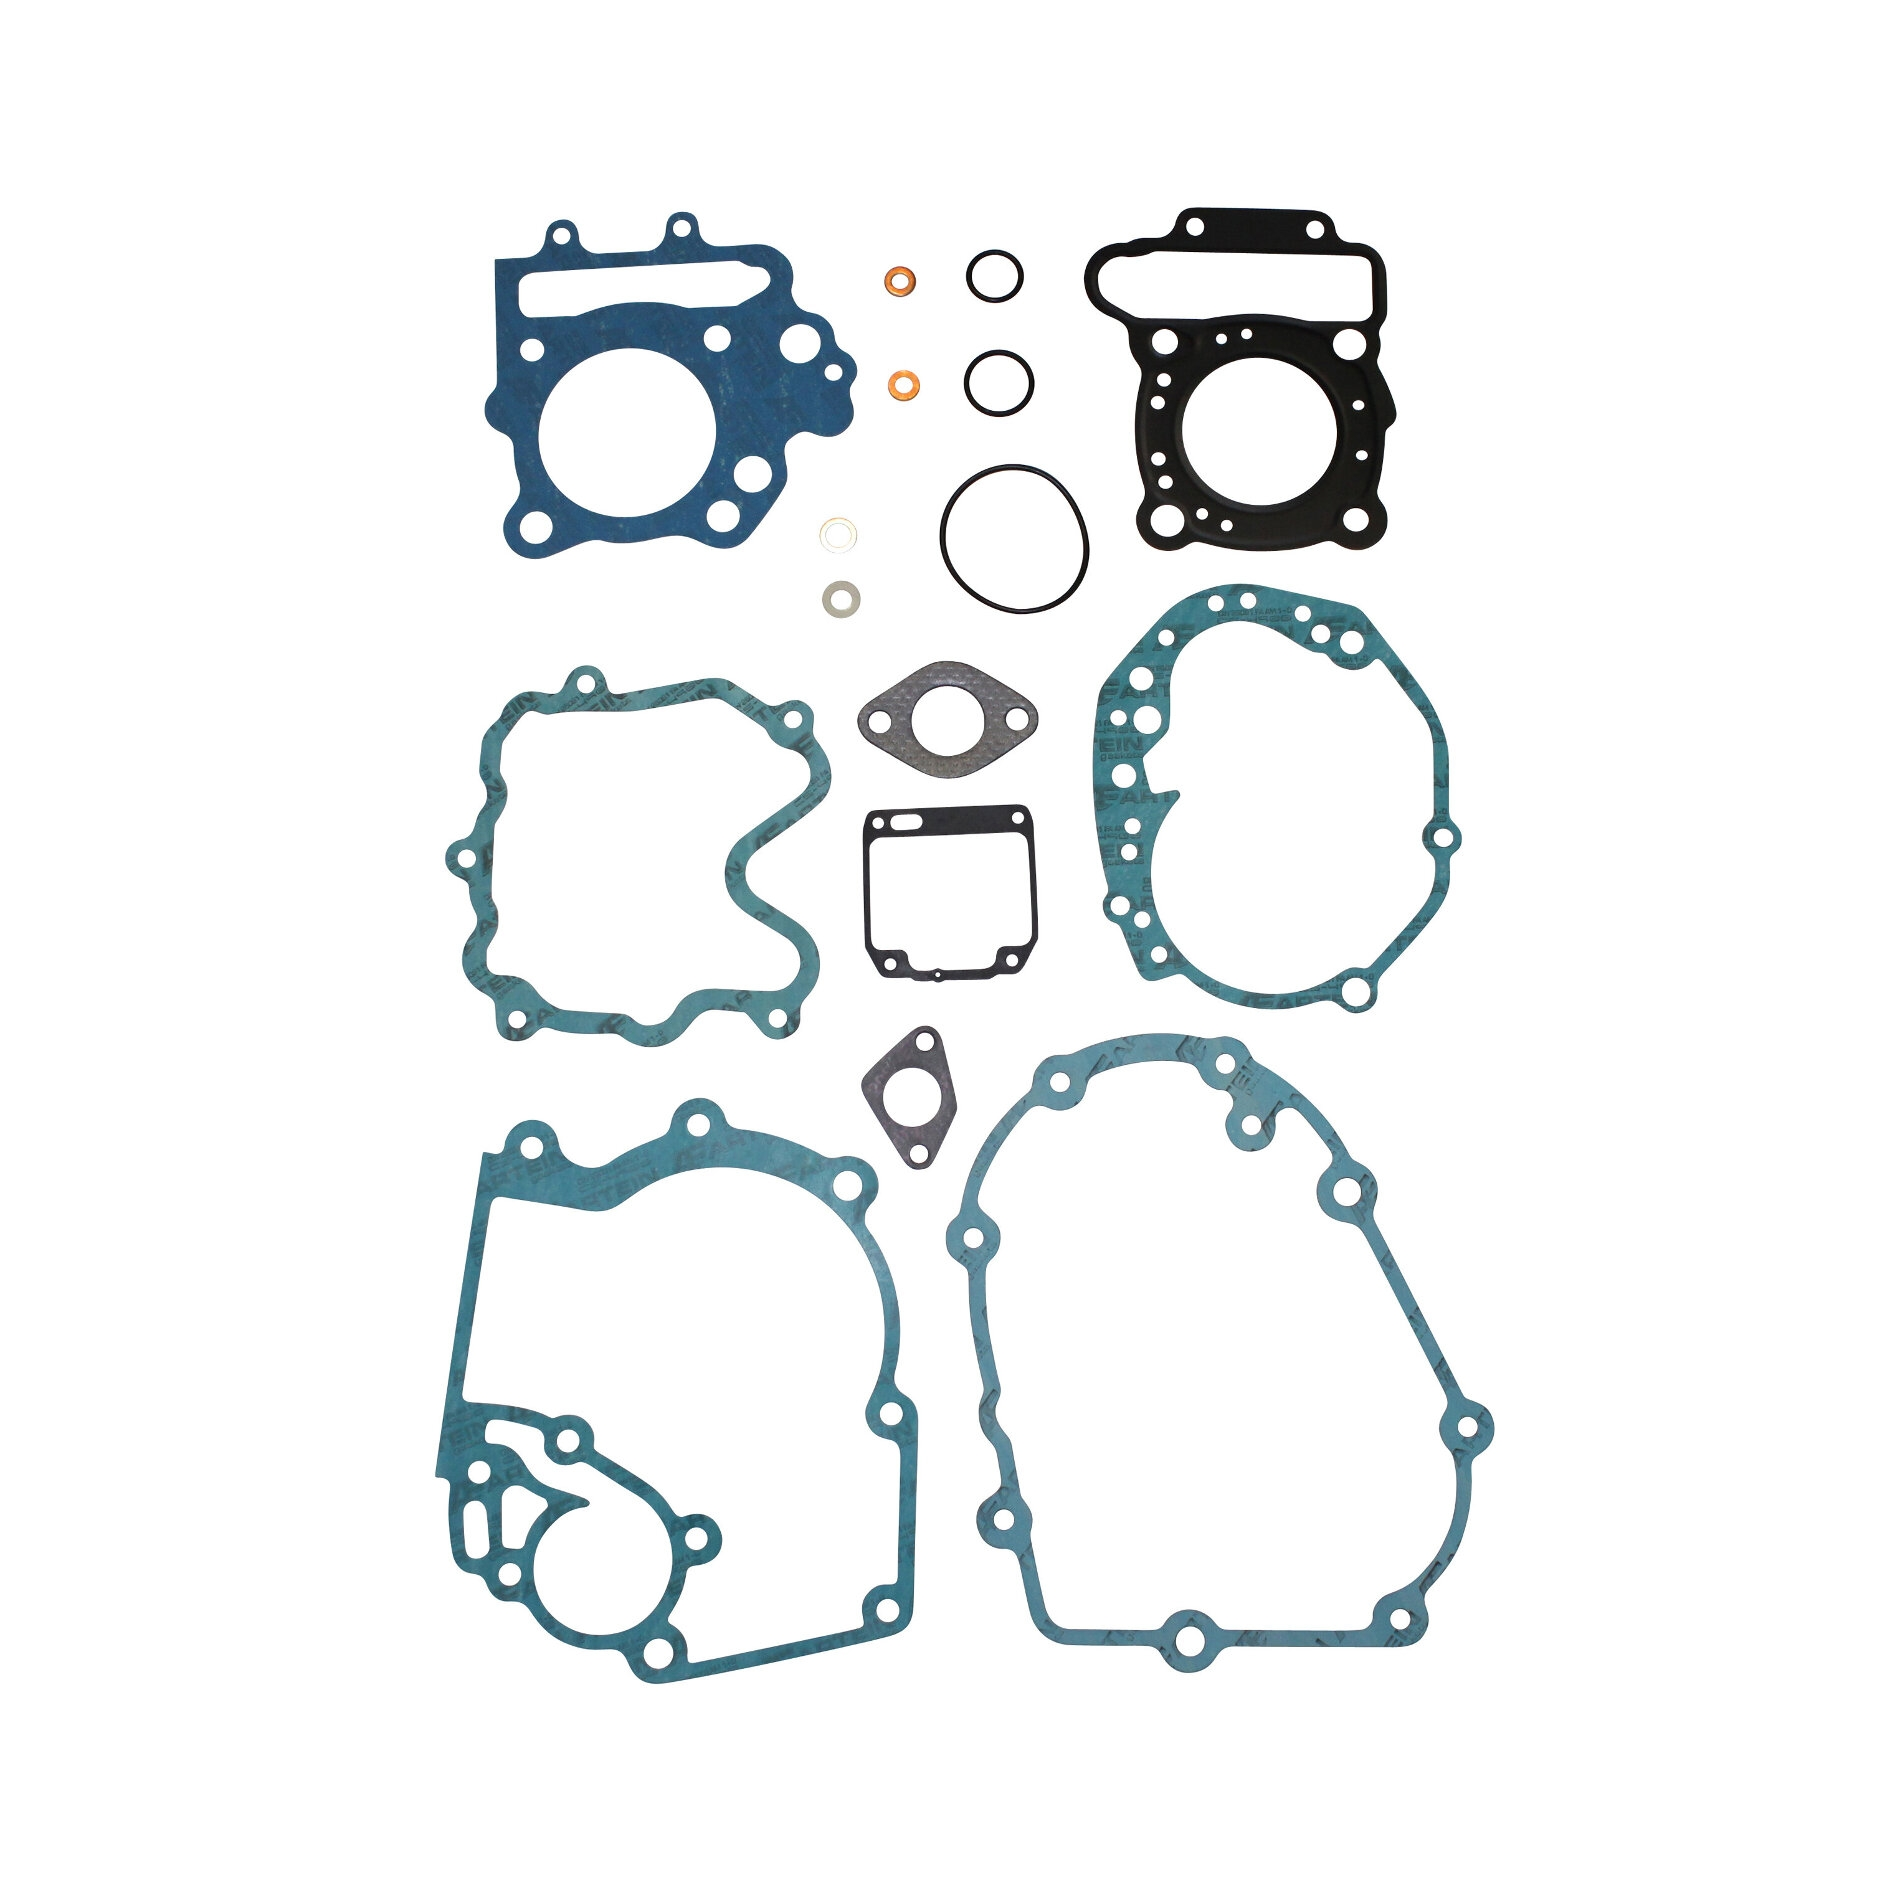 Pochette de joints moteur Artein adaptable Peugeot 125 elyseo